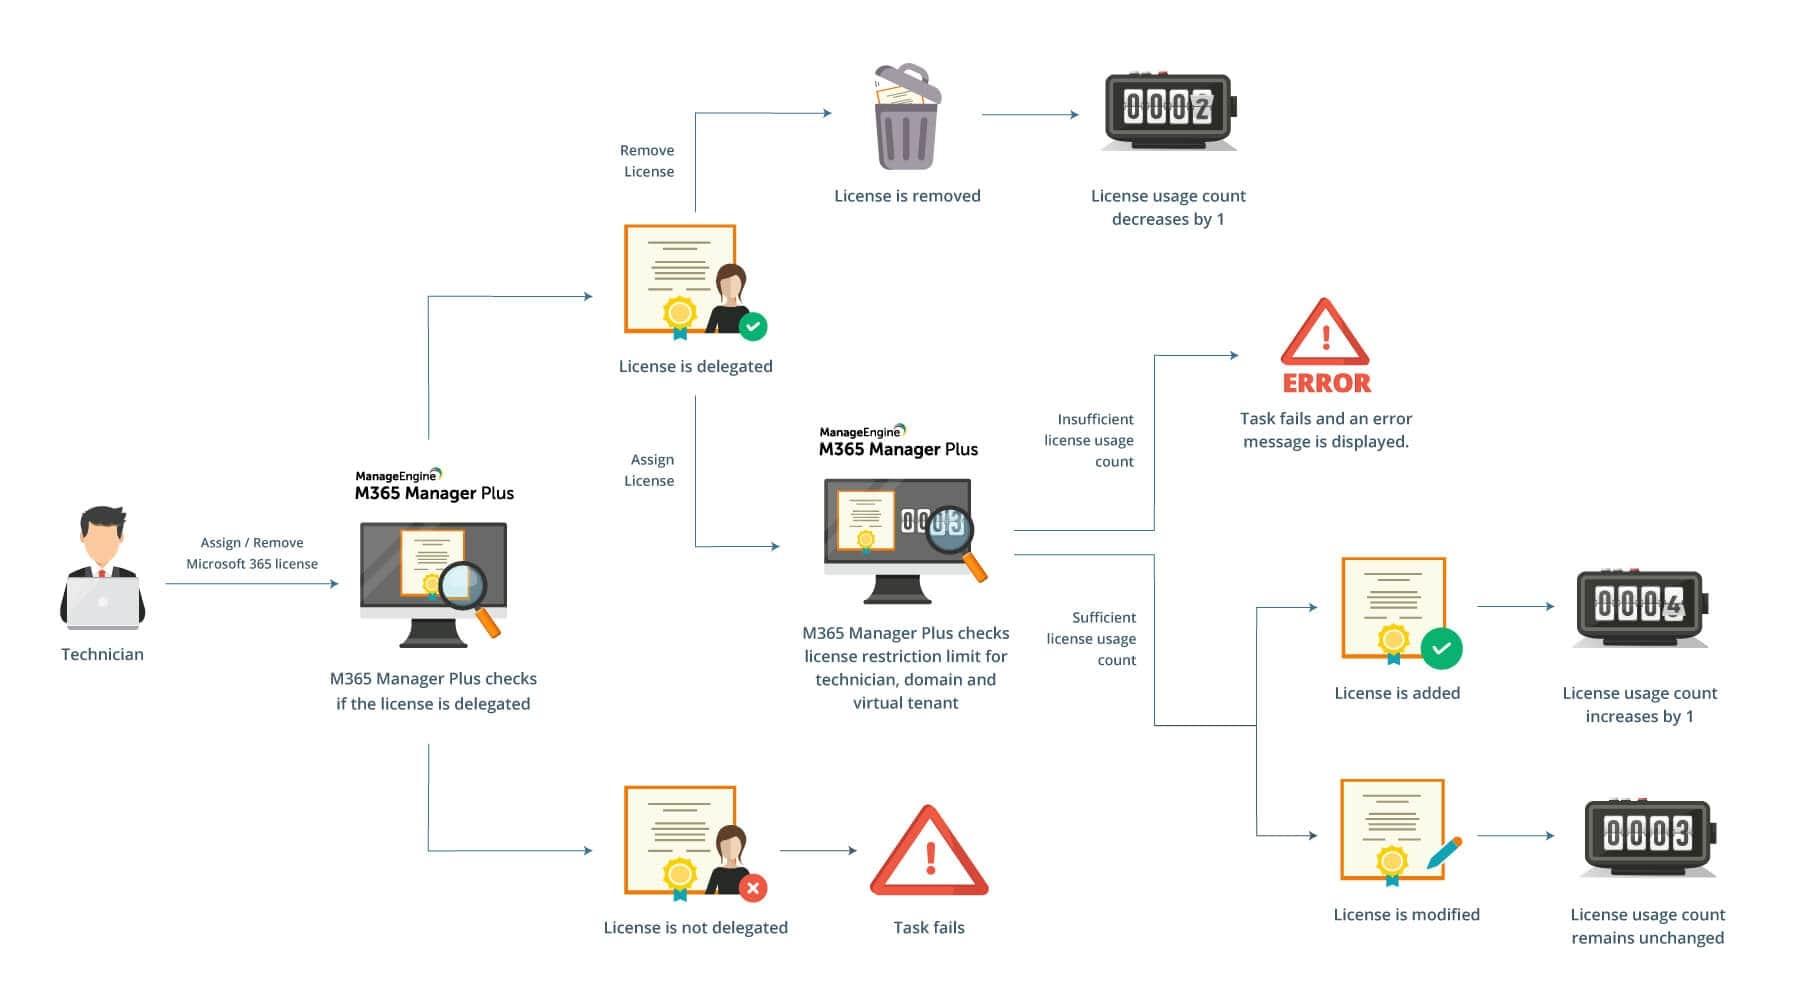 License restriction workflow